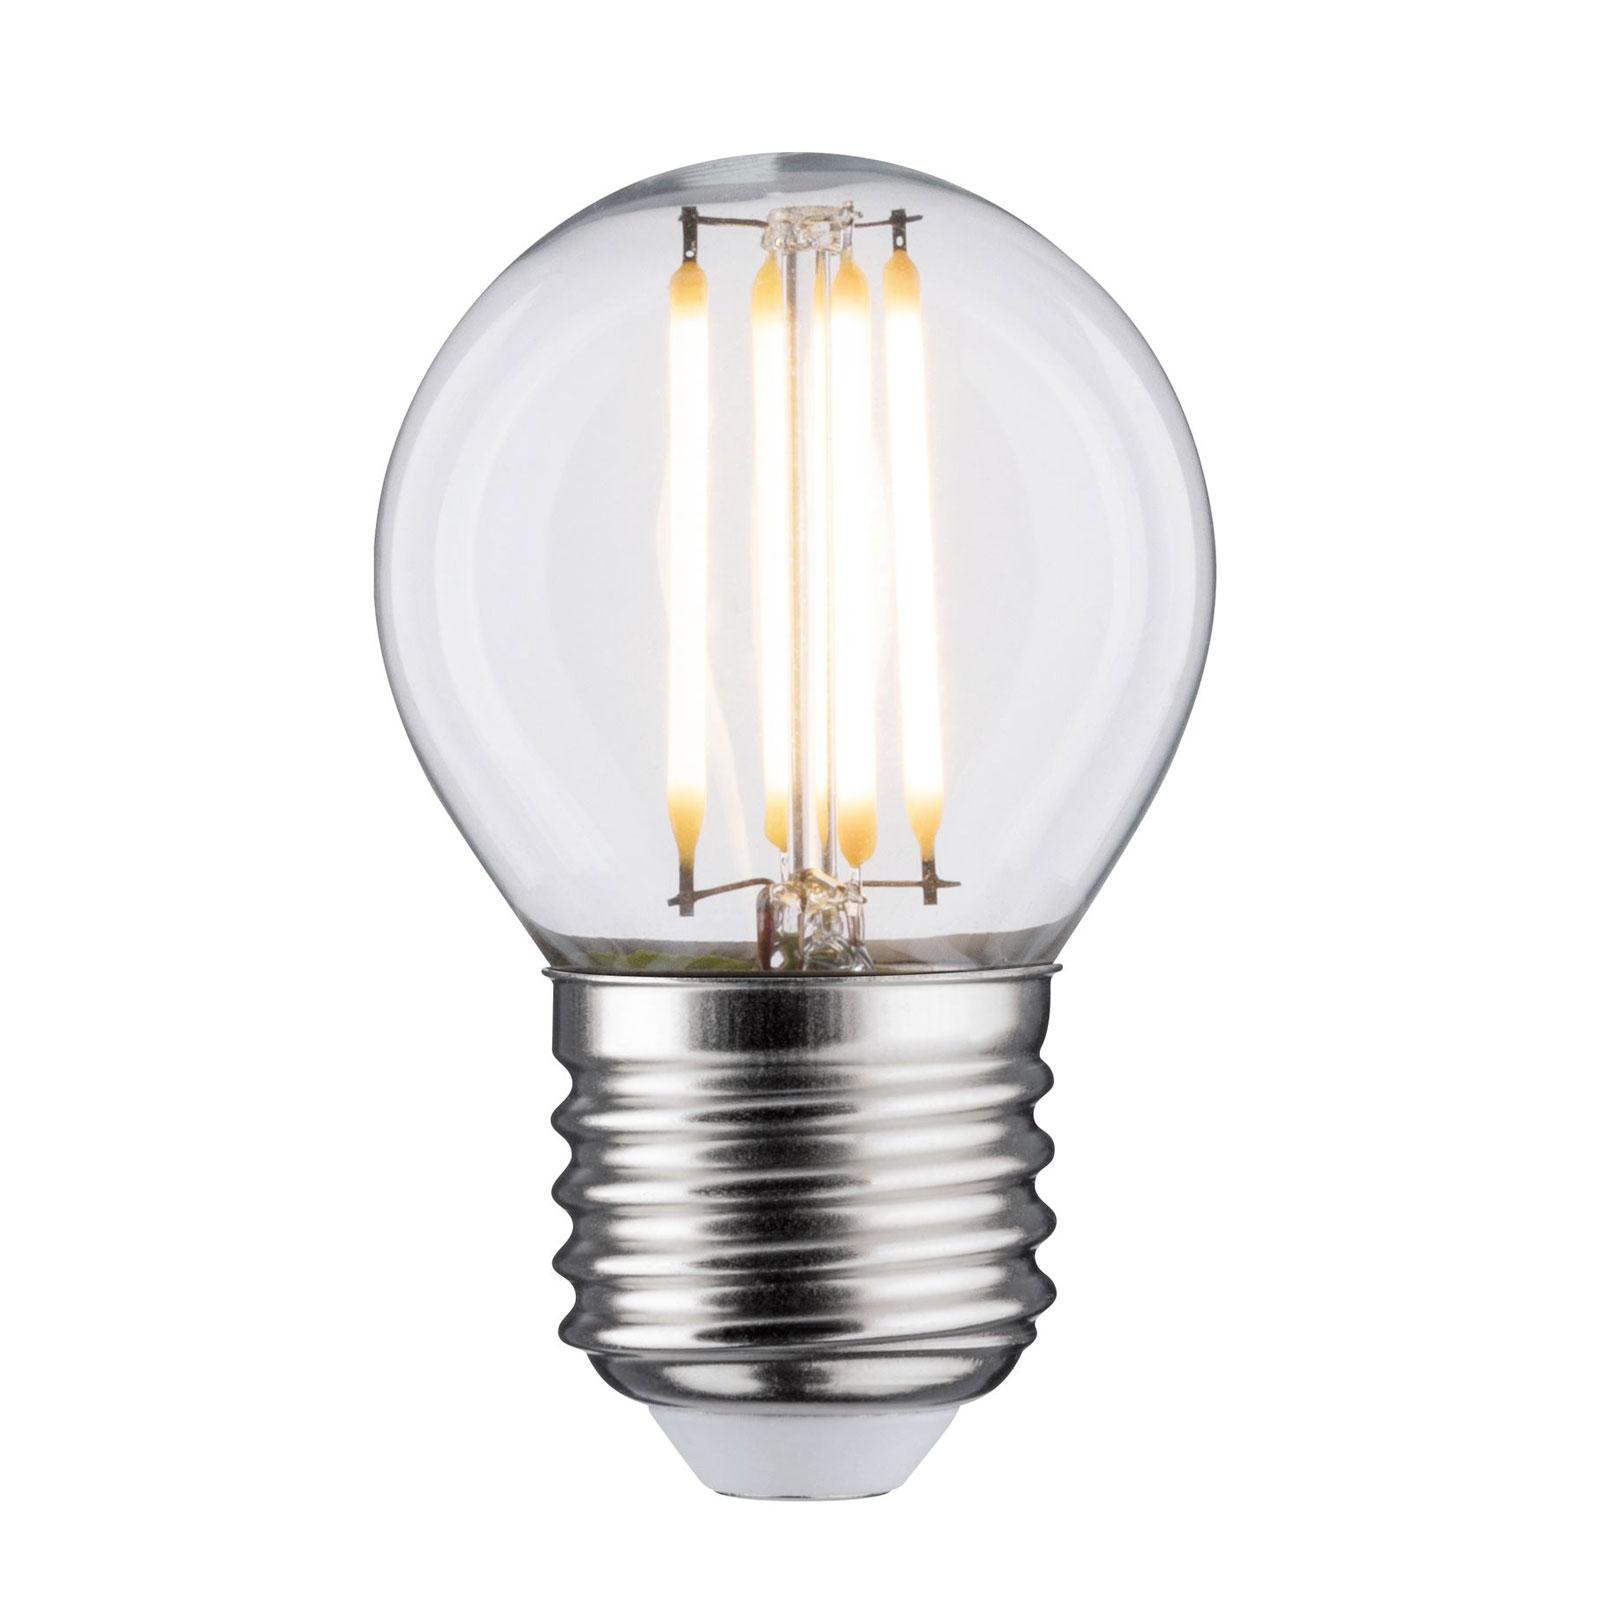 LED žárovka E27 5W kapka 2700K čirá